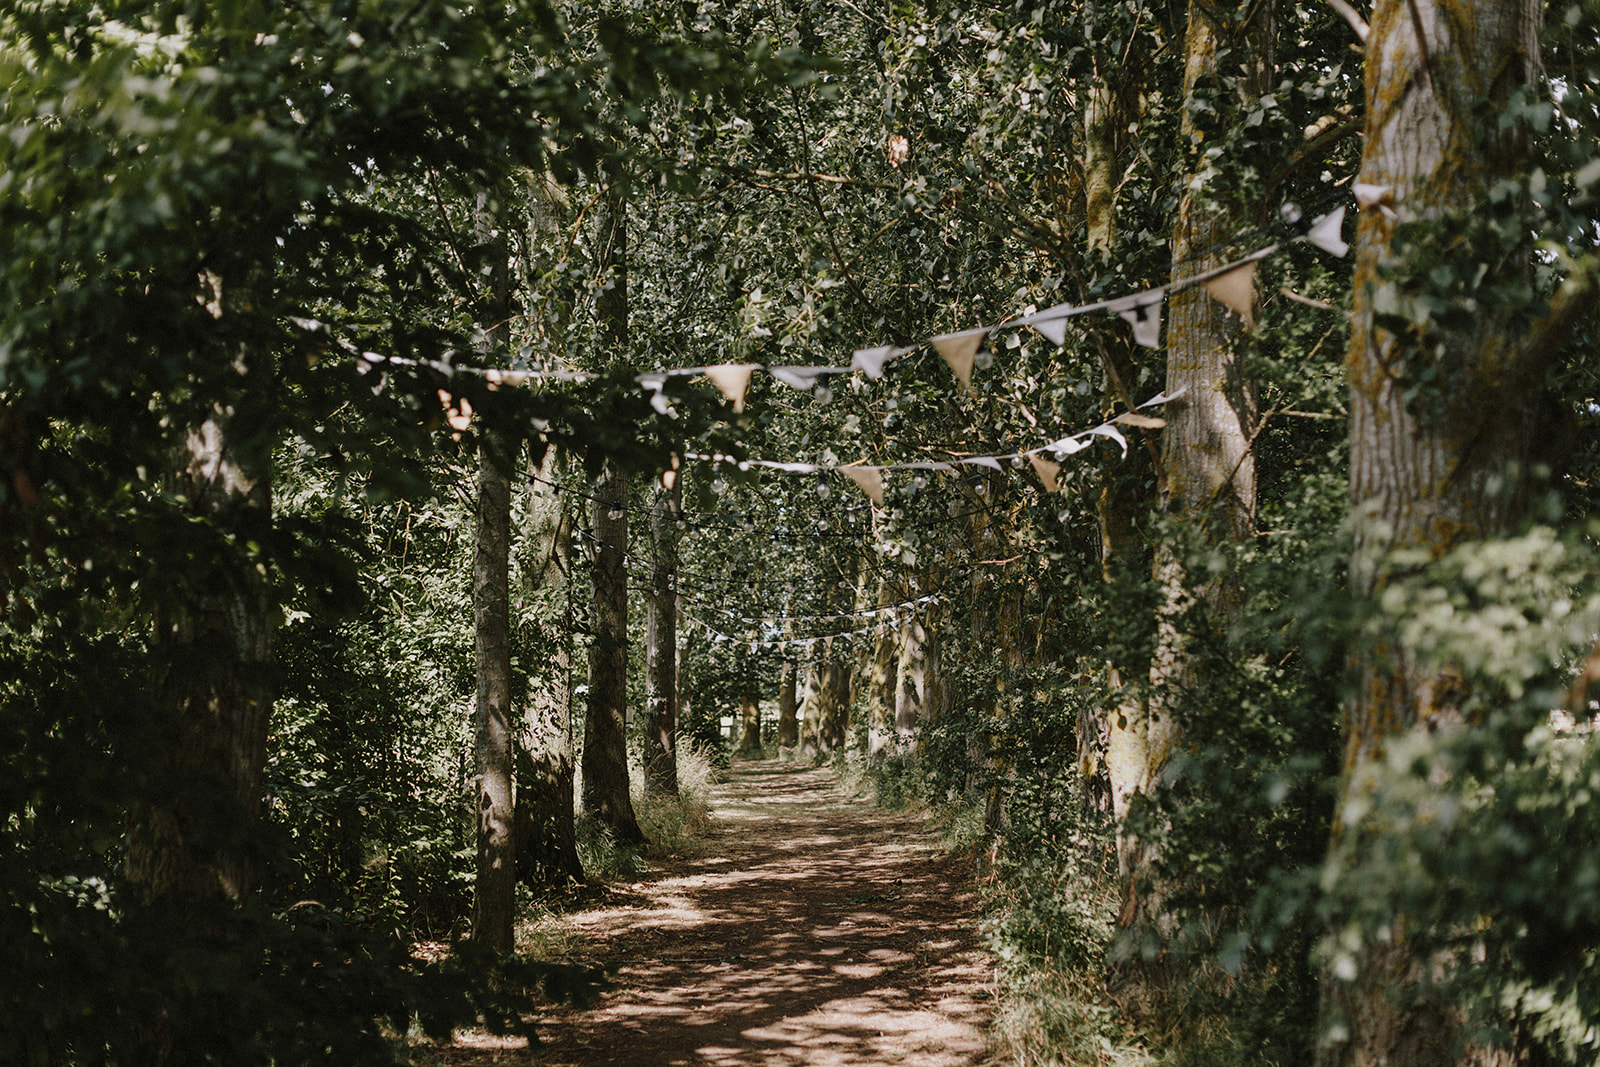 Tree lined wedding walkway